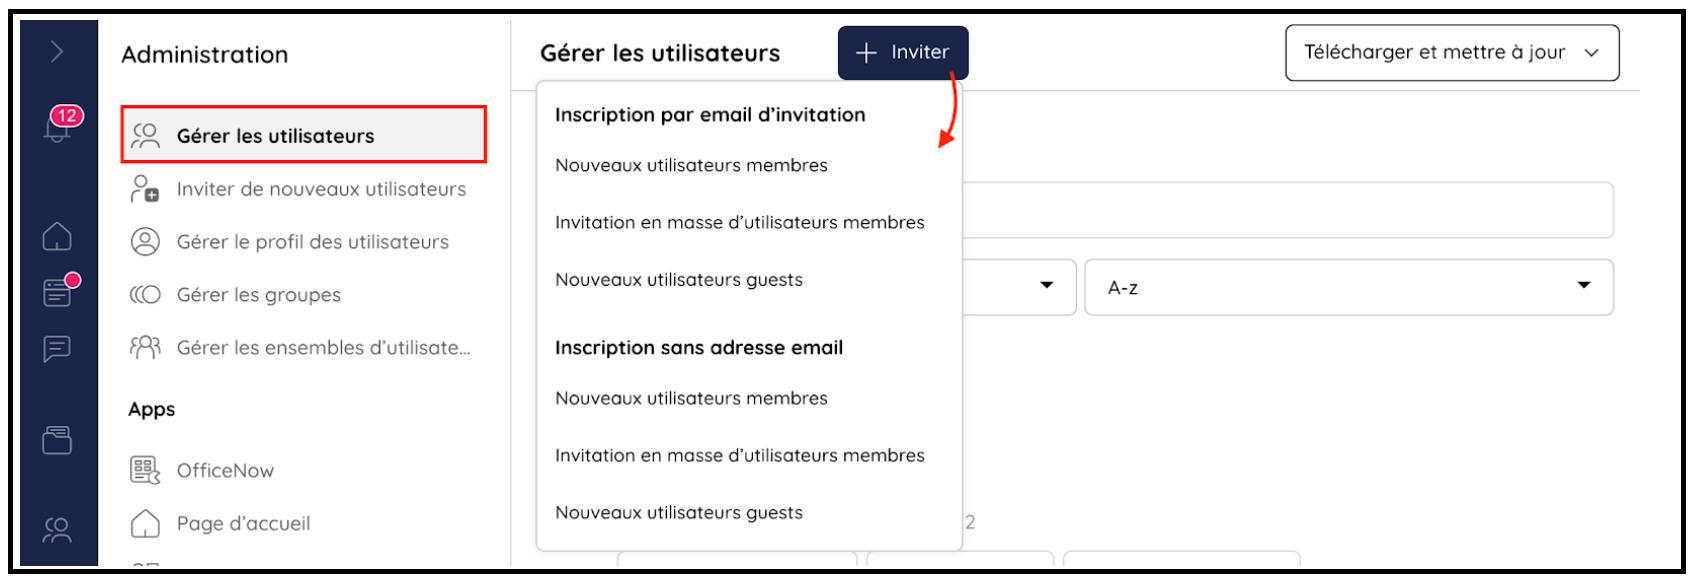 Inviter de nouveaux utilisateurs